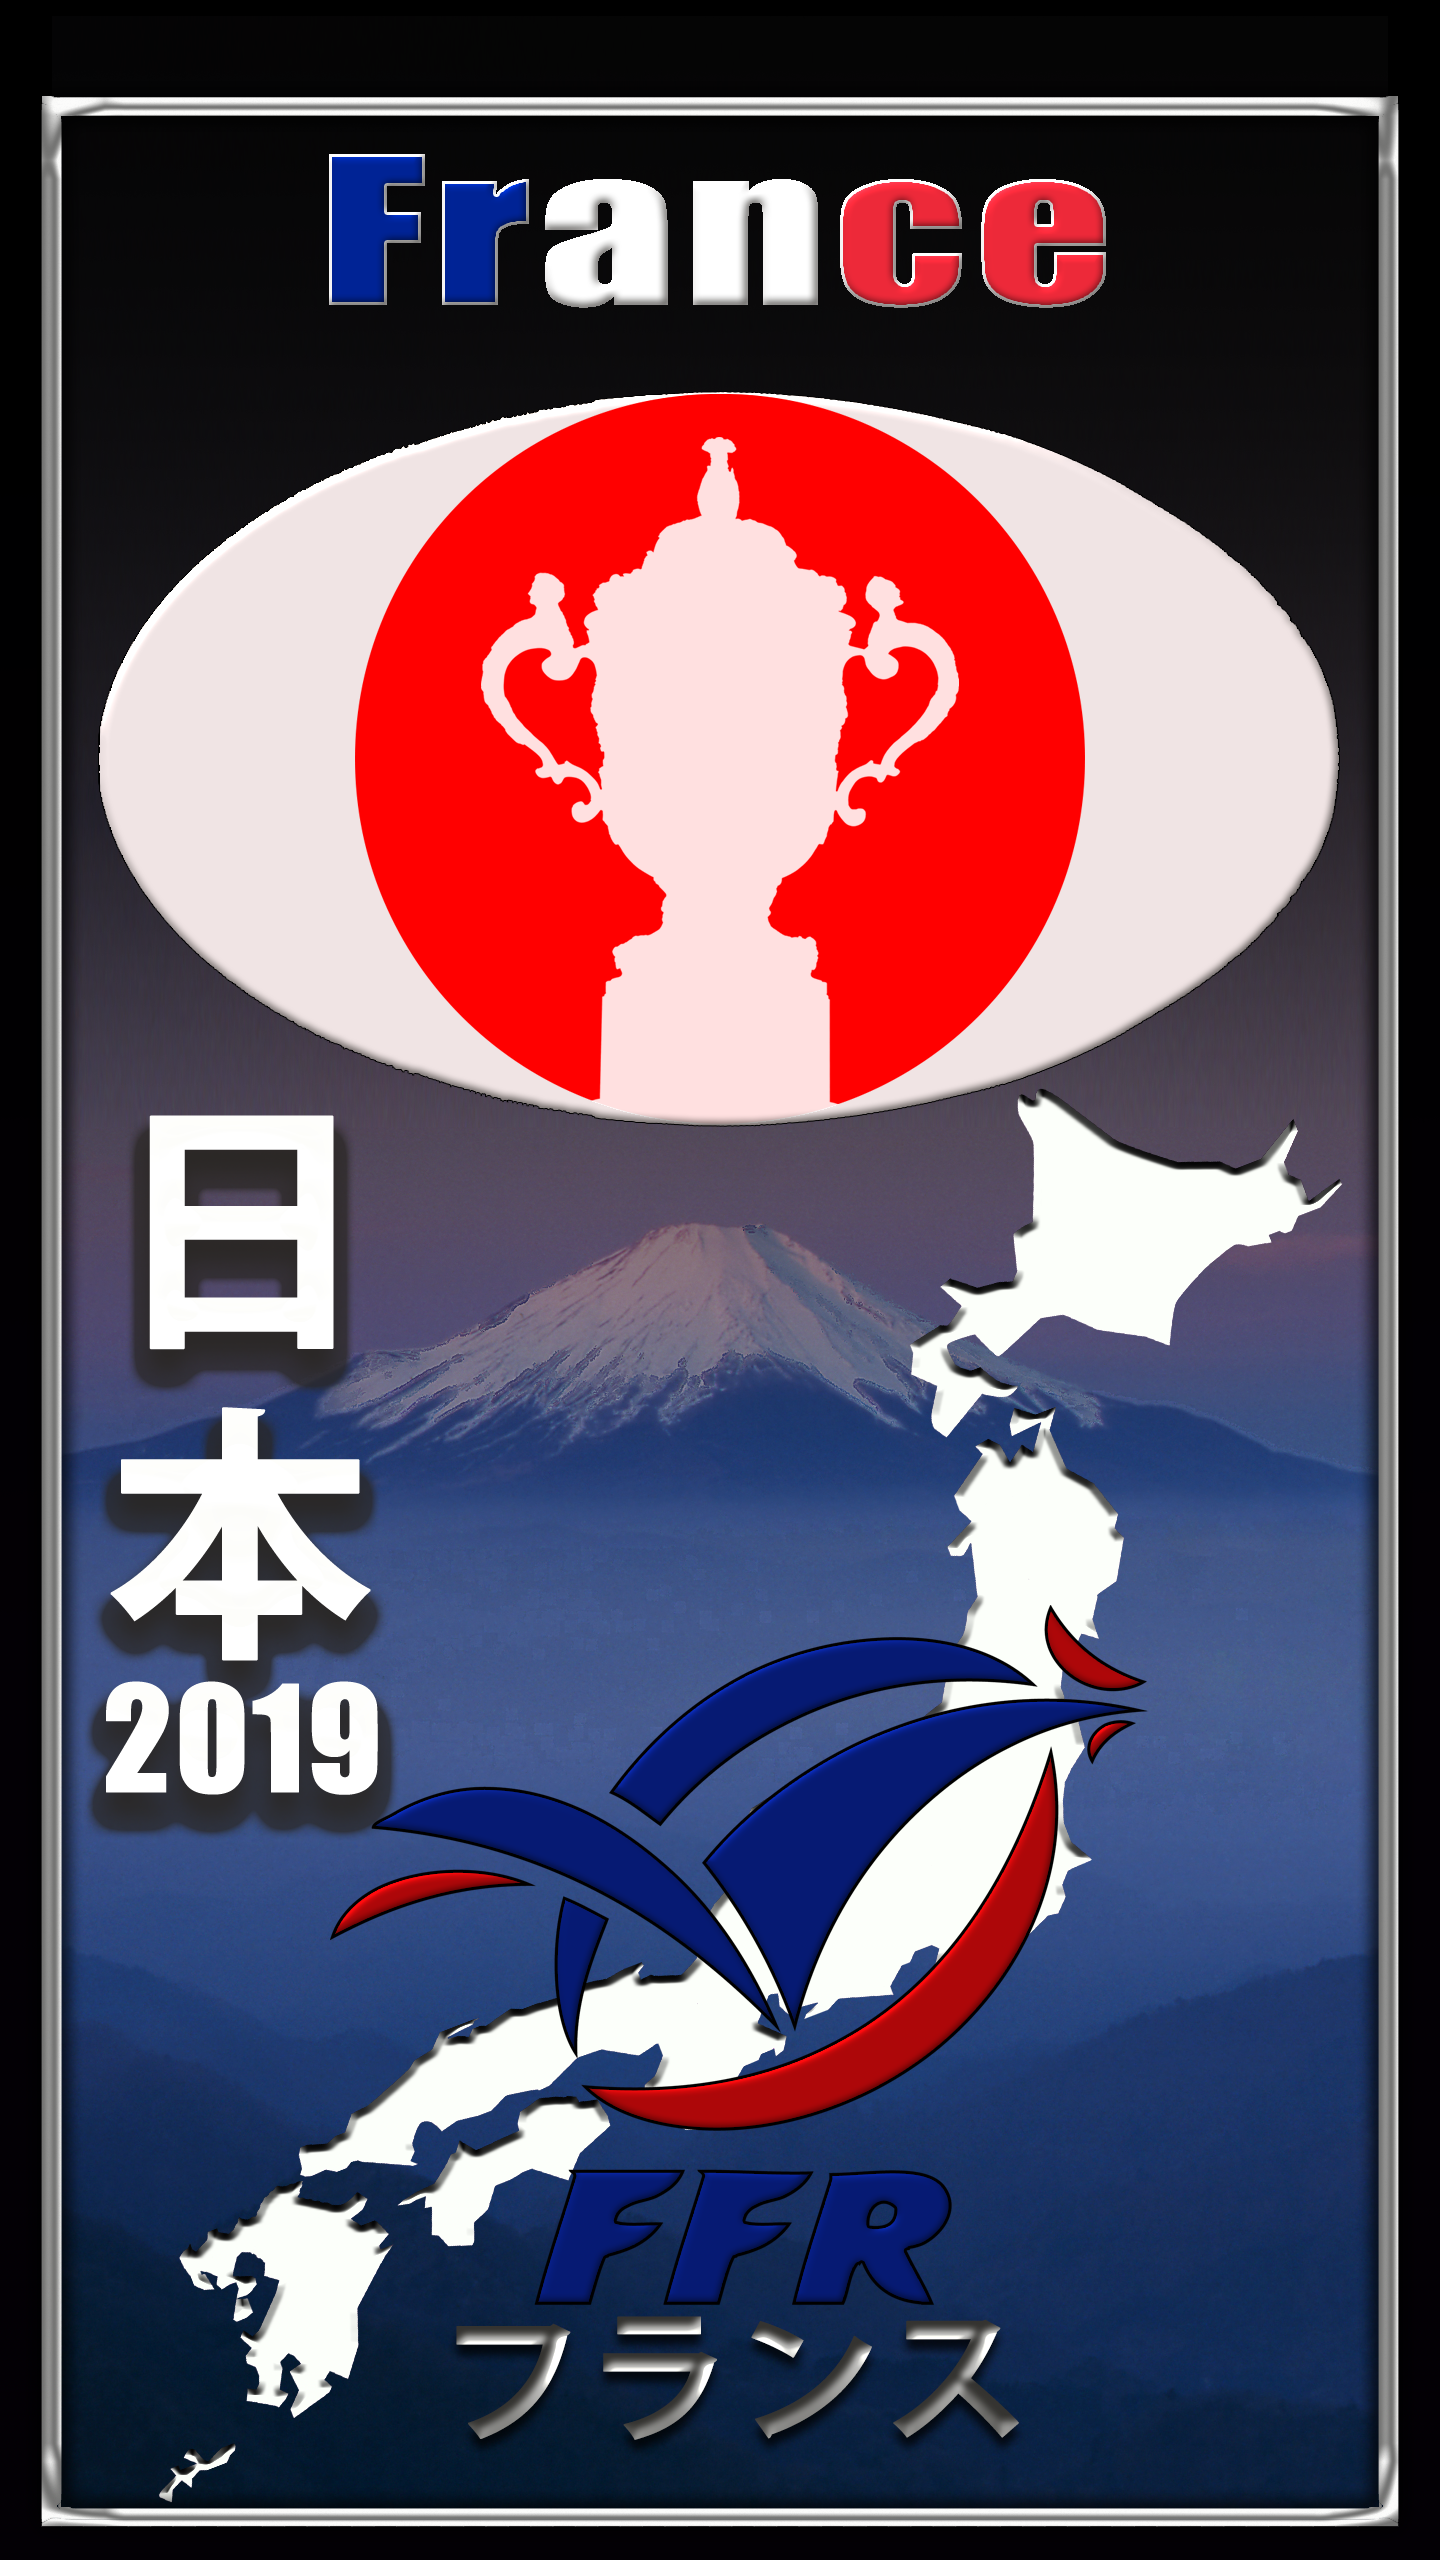 Epingle Par Lobo Visual Design Studio Sur Rugby Union Coupe Du Monde De Rugby Coupe Du Monde Rugby 2019